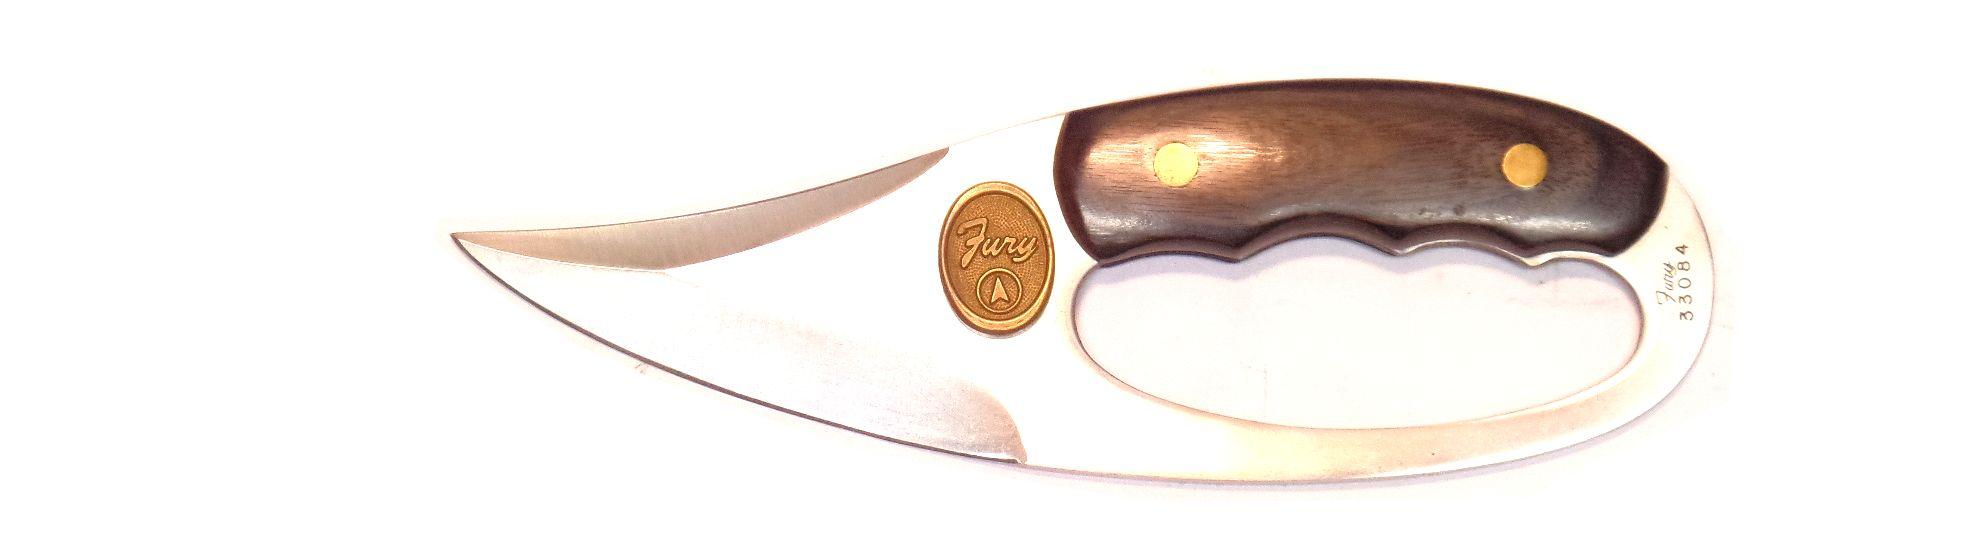 Couteau FURY Porcupine